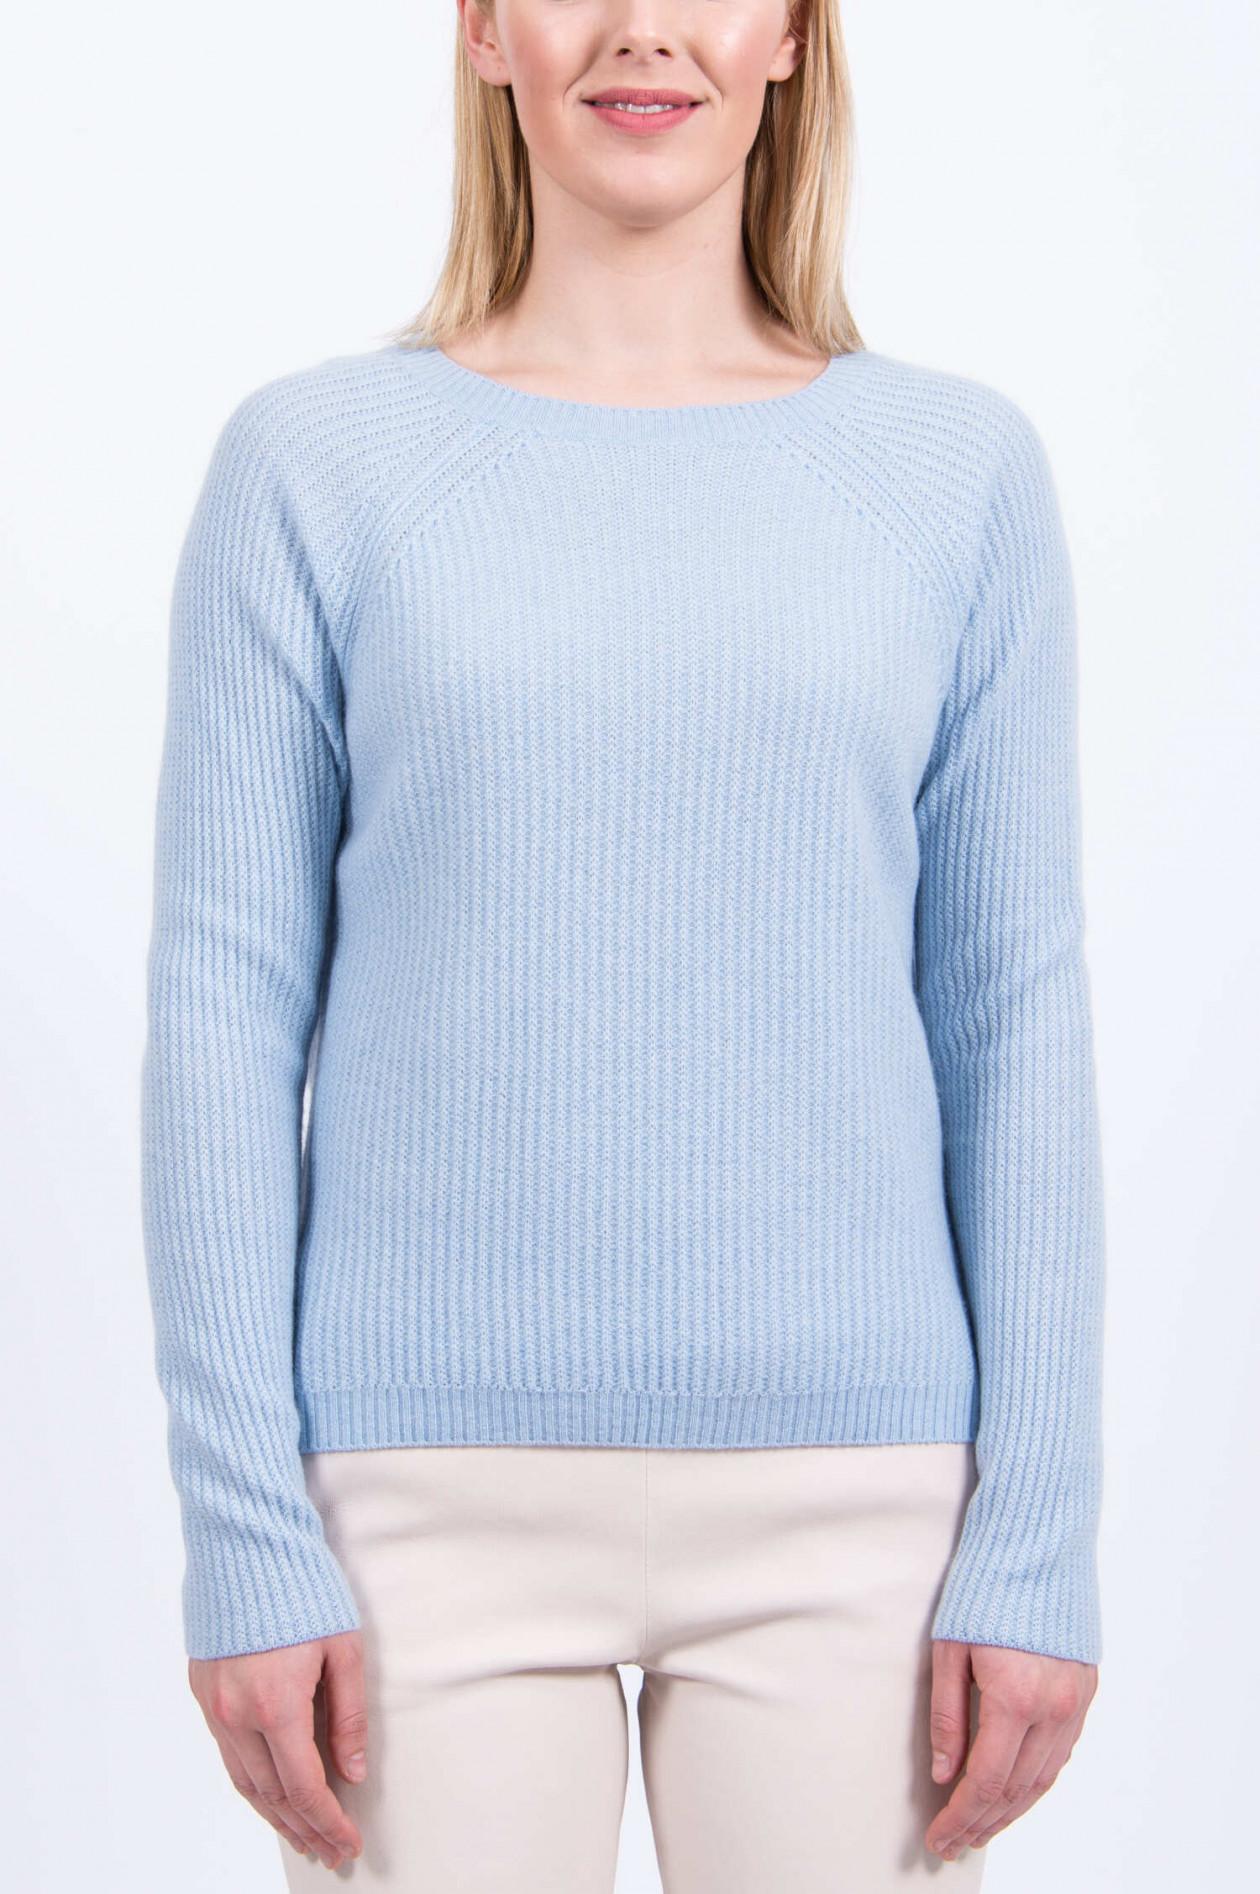 Damen Pullover JASMIN hellblau